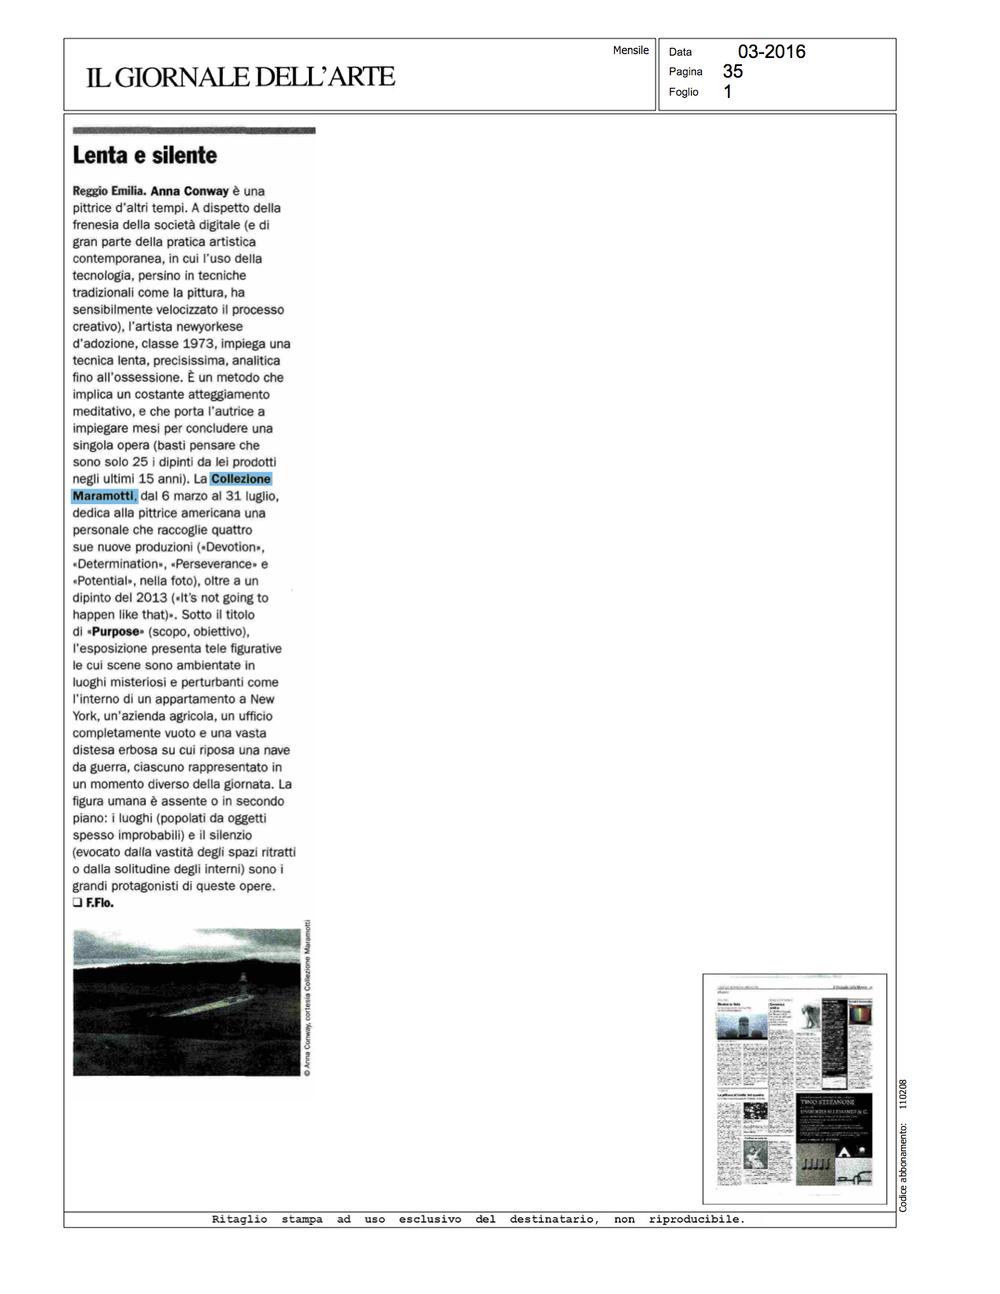 Il Giornale Dell'Arte, March 2016